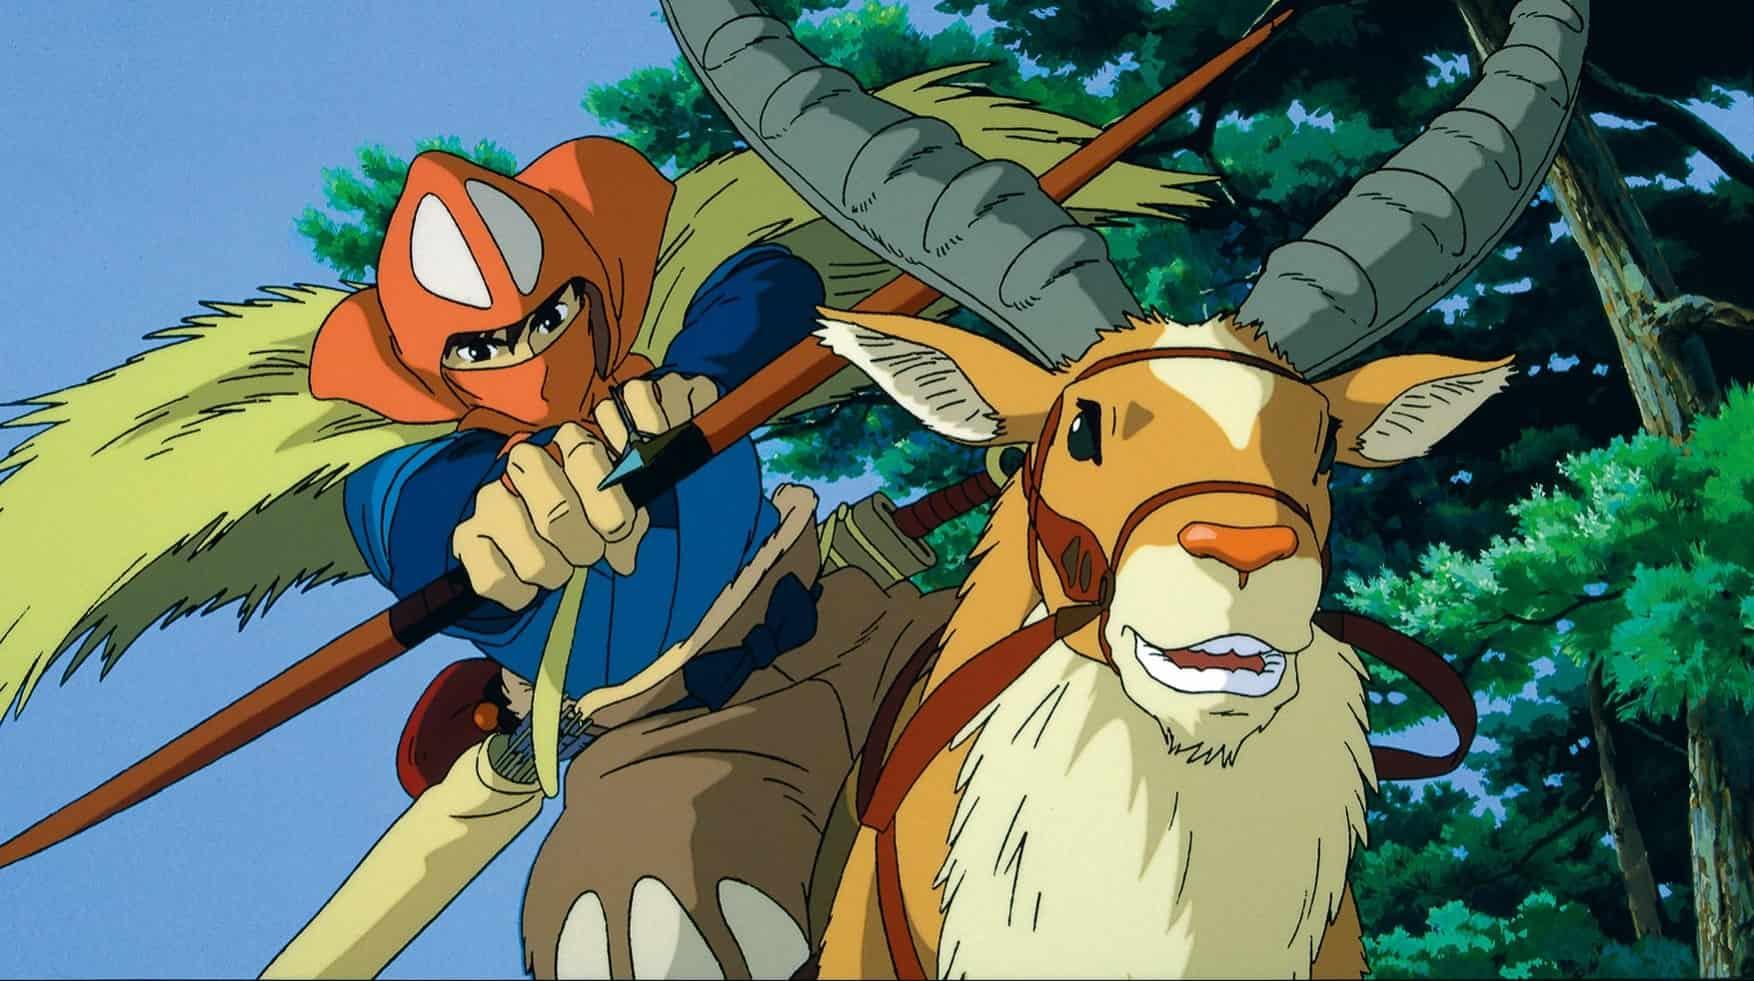 arcieri negli anime - ashitaka